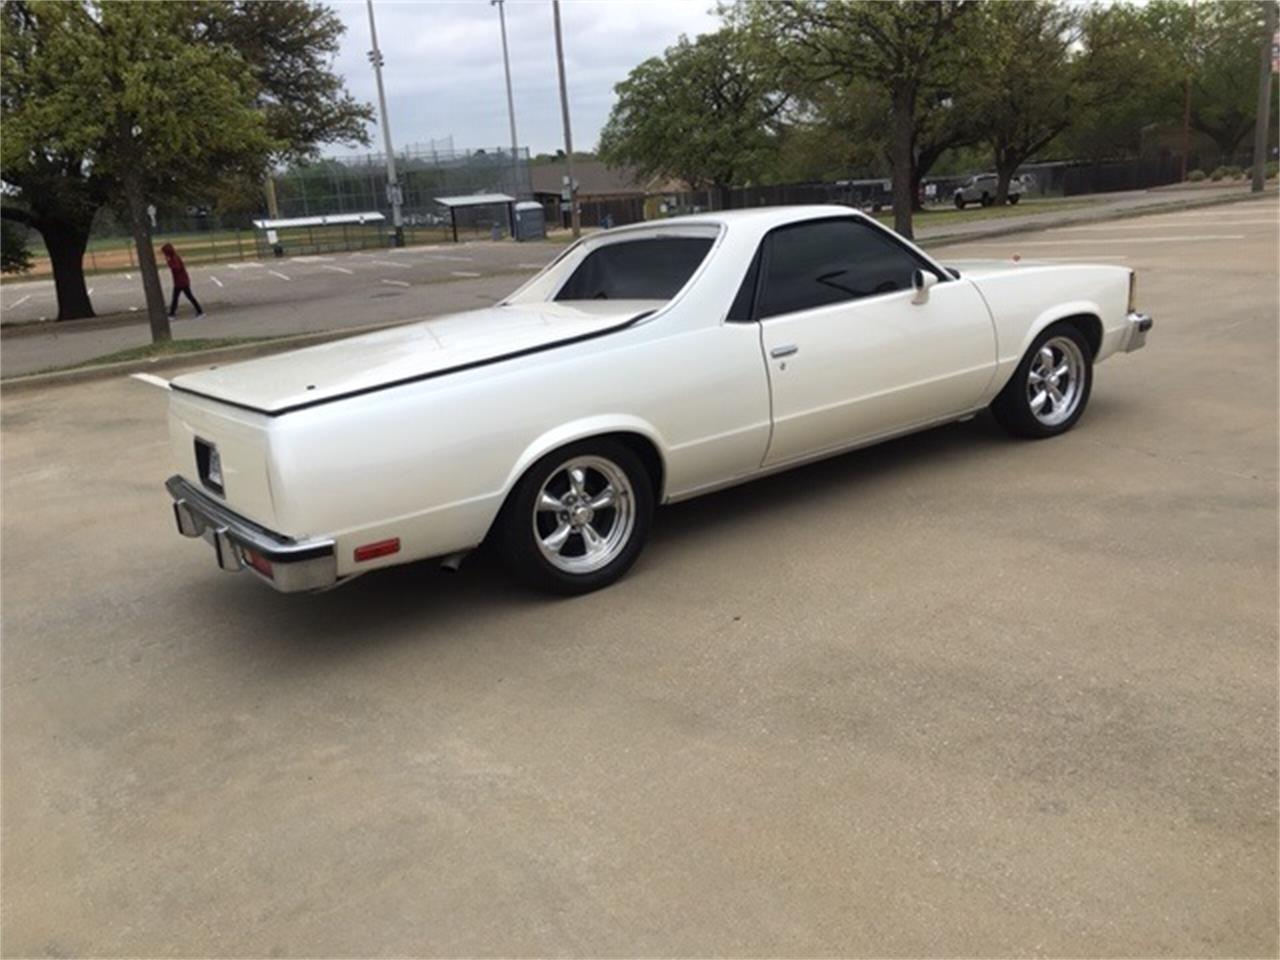 1981 Chevrolet El Camino (CC-1201721) for sale in Arlington, Texas